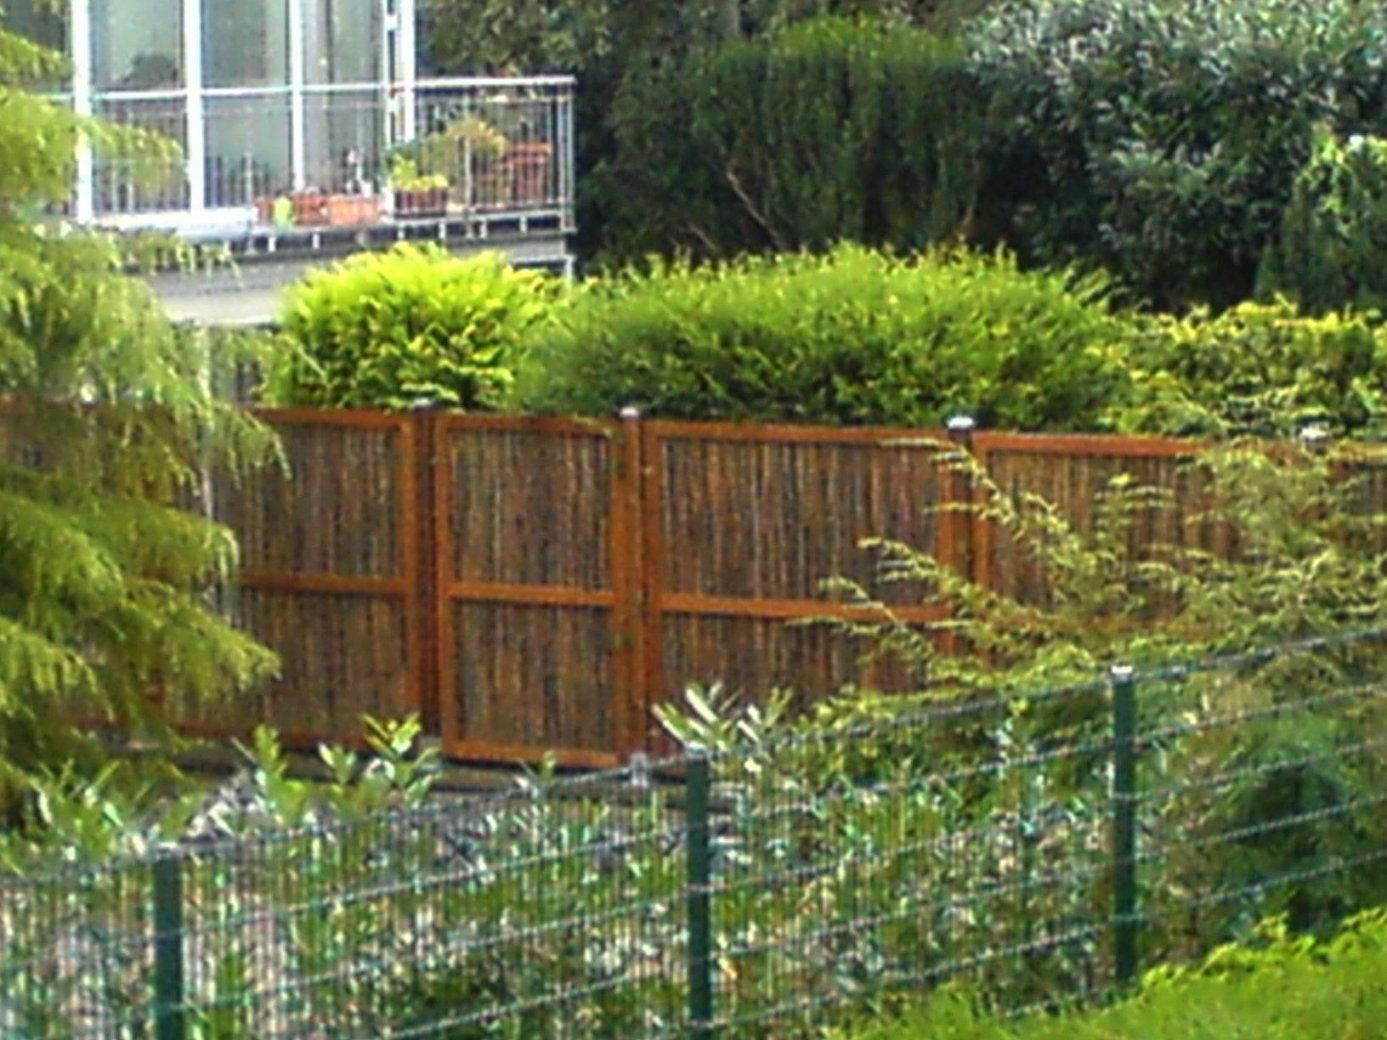 Cool Mein Schöner Garten Forum Foto  Beste Möbel Galerie Und Bild von Mein Schöner Garten Forum Bild